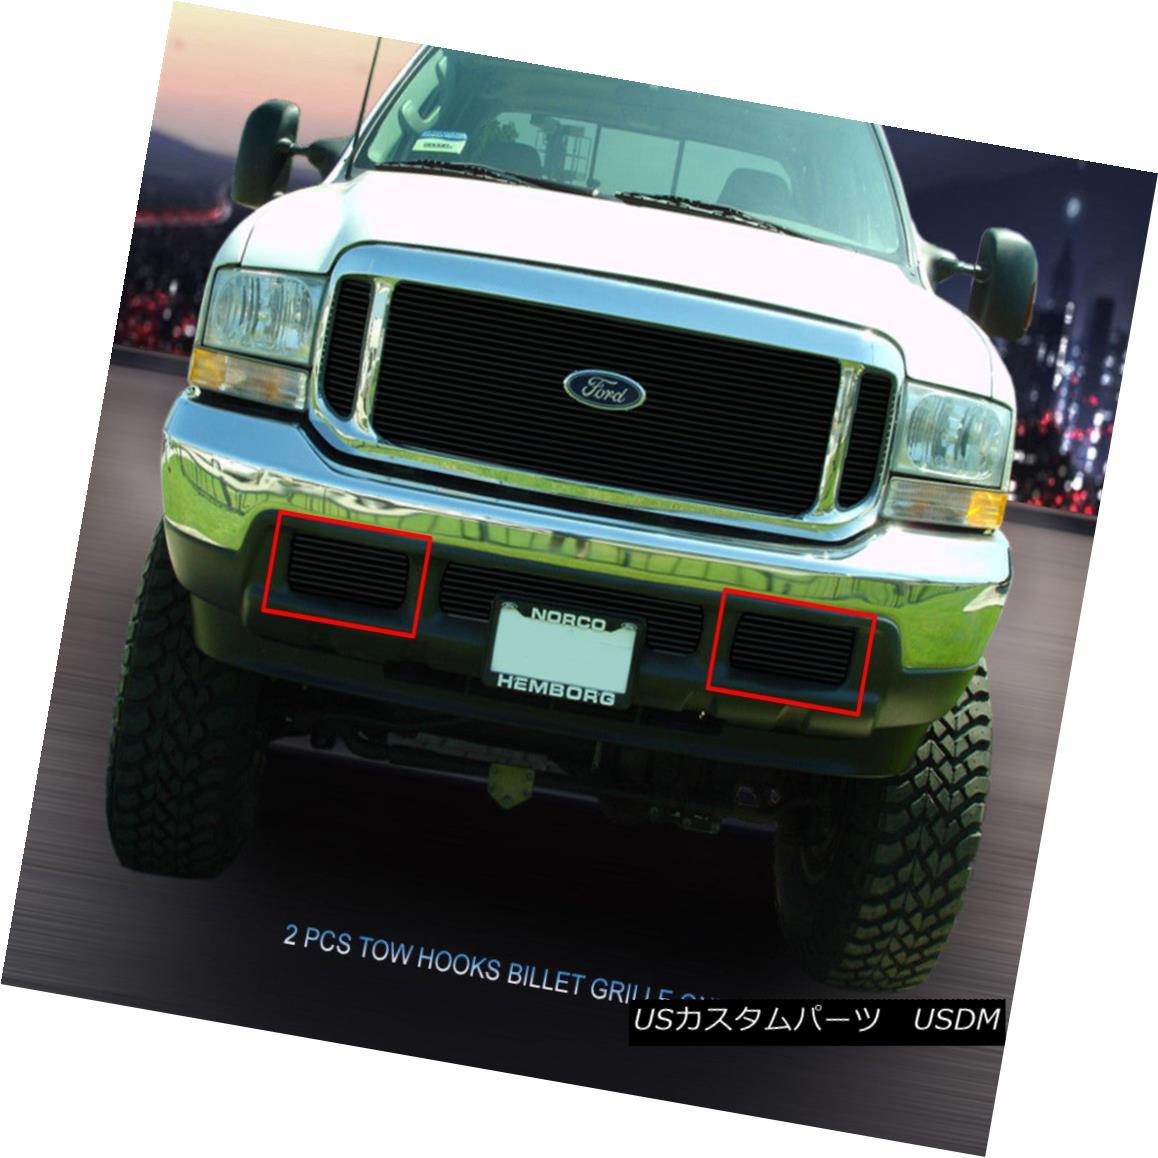 グリル 99-04 Ford F250/F350/F450/F550 Tow Hook Black Billet Grille Upper Insert Fedar 99-04 Ford F250 / F350 / F450 / F550牽引フックブラックビレットグリル上部インサートフェルダー